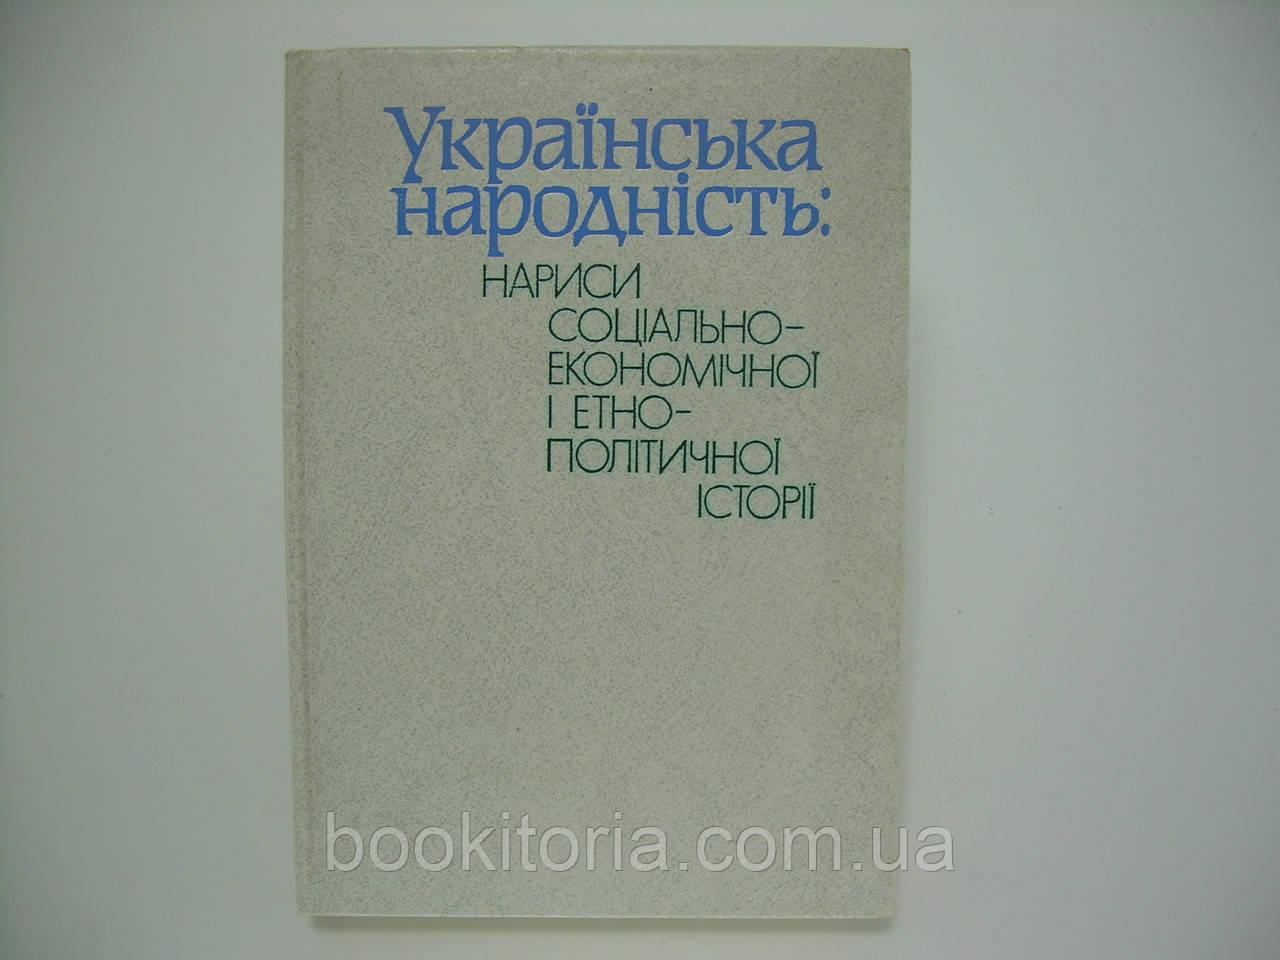 Українська народність. Нариси соціально-економічної і етно-політичної історії (б/у)., фото 1